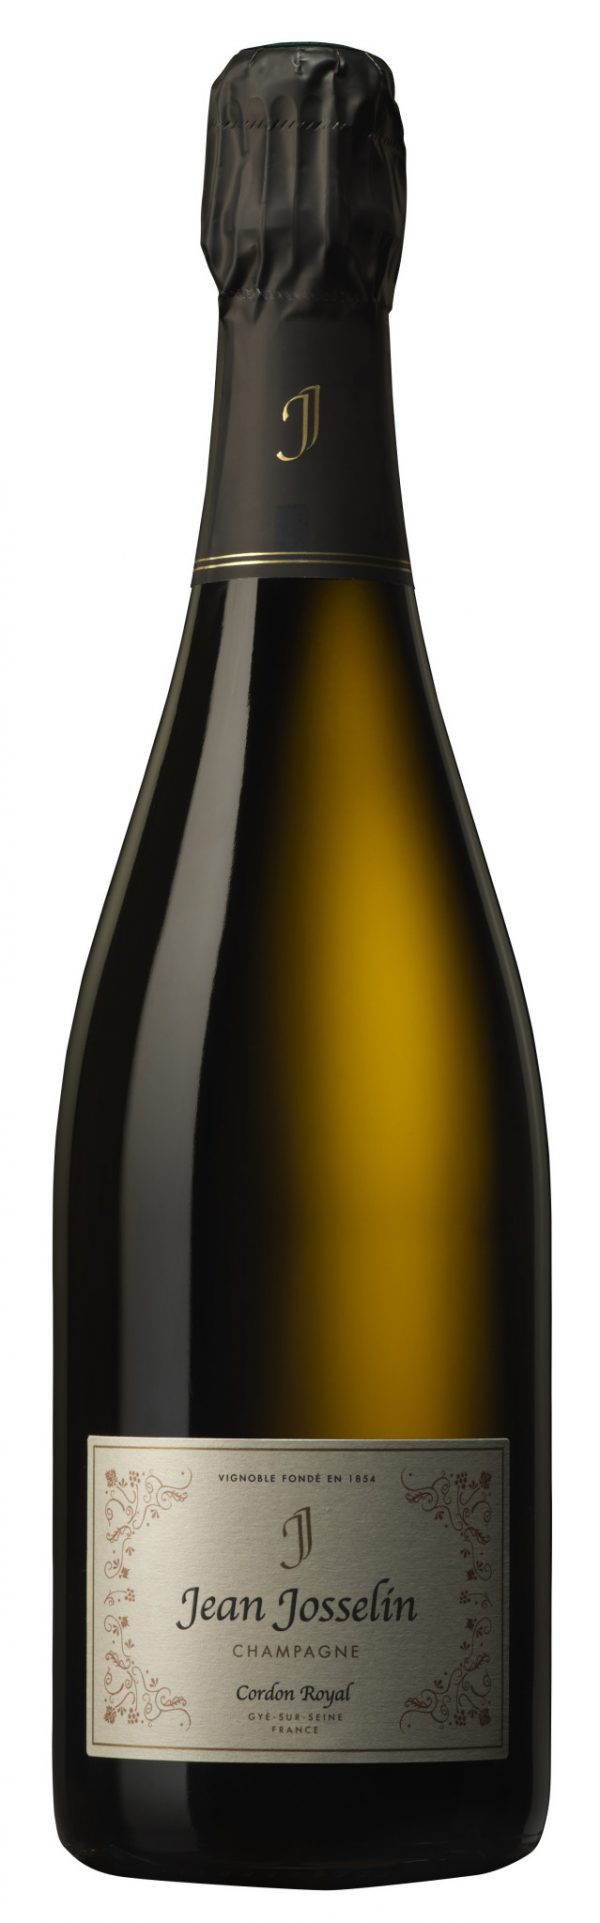 Champagne Jean Josselin - Cordon Royal